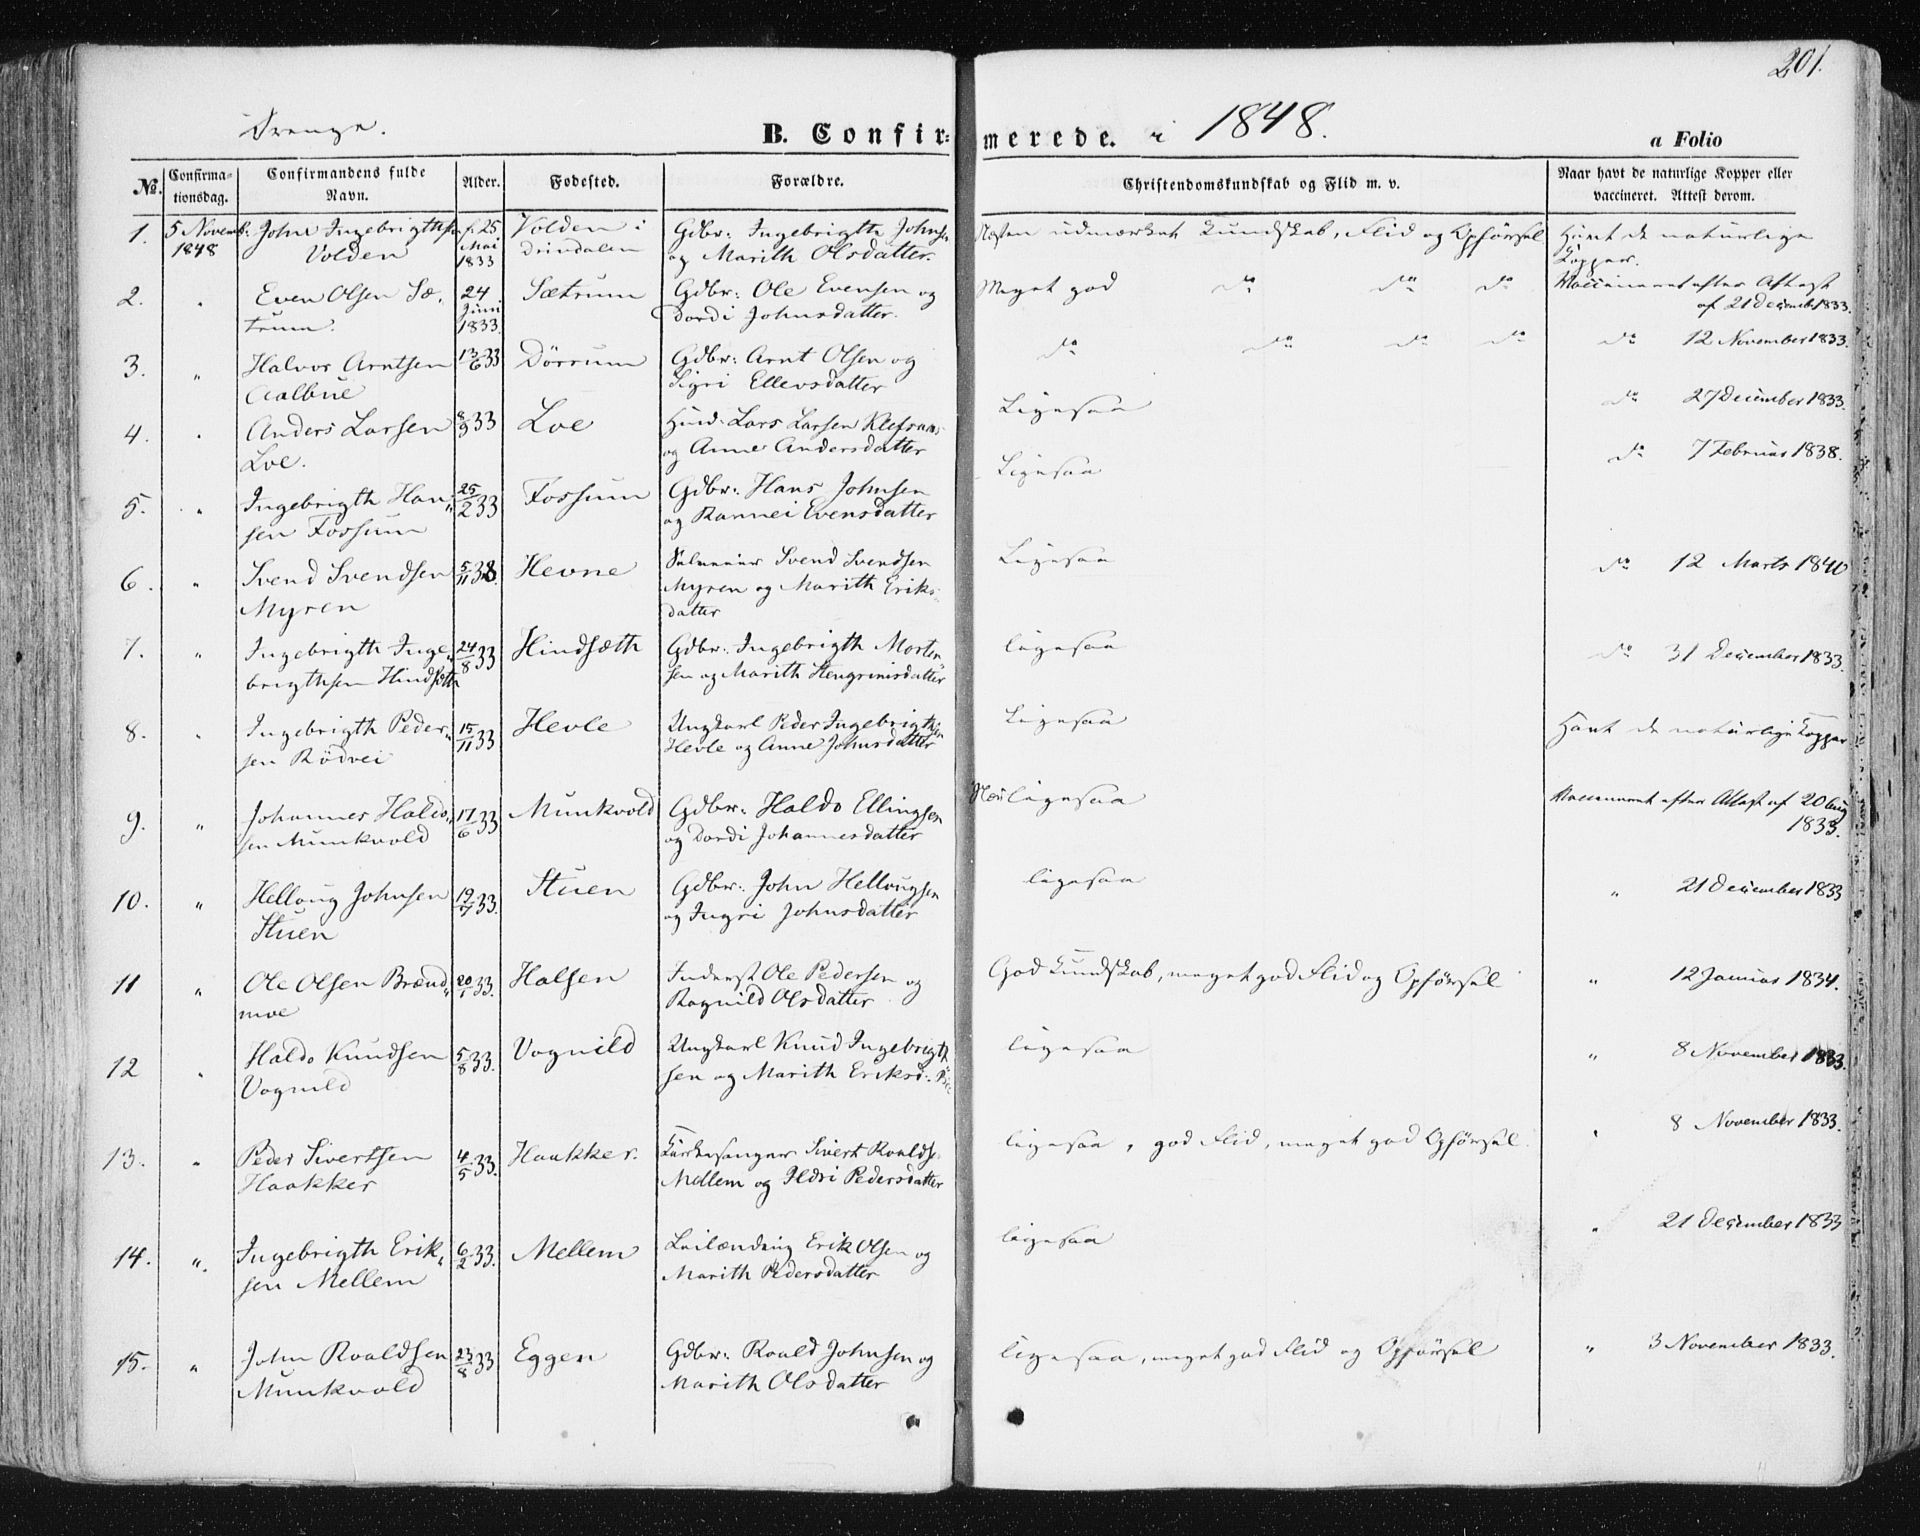 SAT, Ministerialprotokoller, klokkerbøker og fødselsregistre - Sør-Trøndelag, 678/L0899: Ministerialbok nr. 678A08, 1848-1872, s. 201